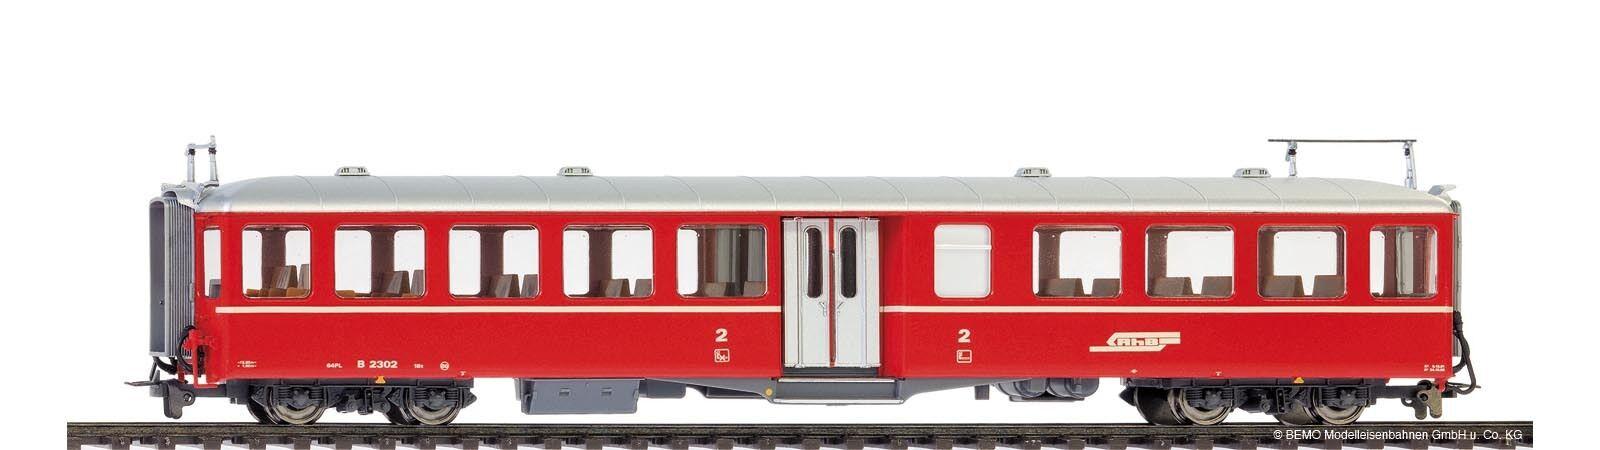 BEMO 3245 112/3245112 carreggiata stretta-medio ingresso auto 2. KL. b2302 RHB ep4  1980